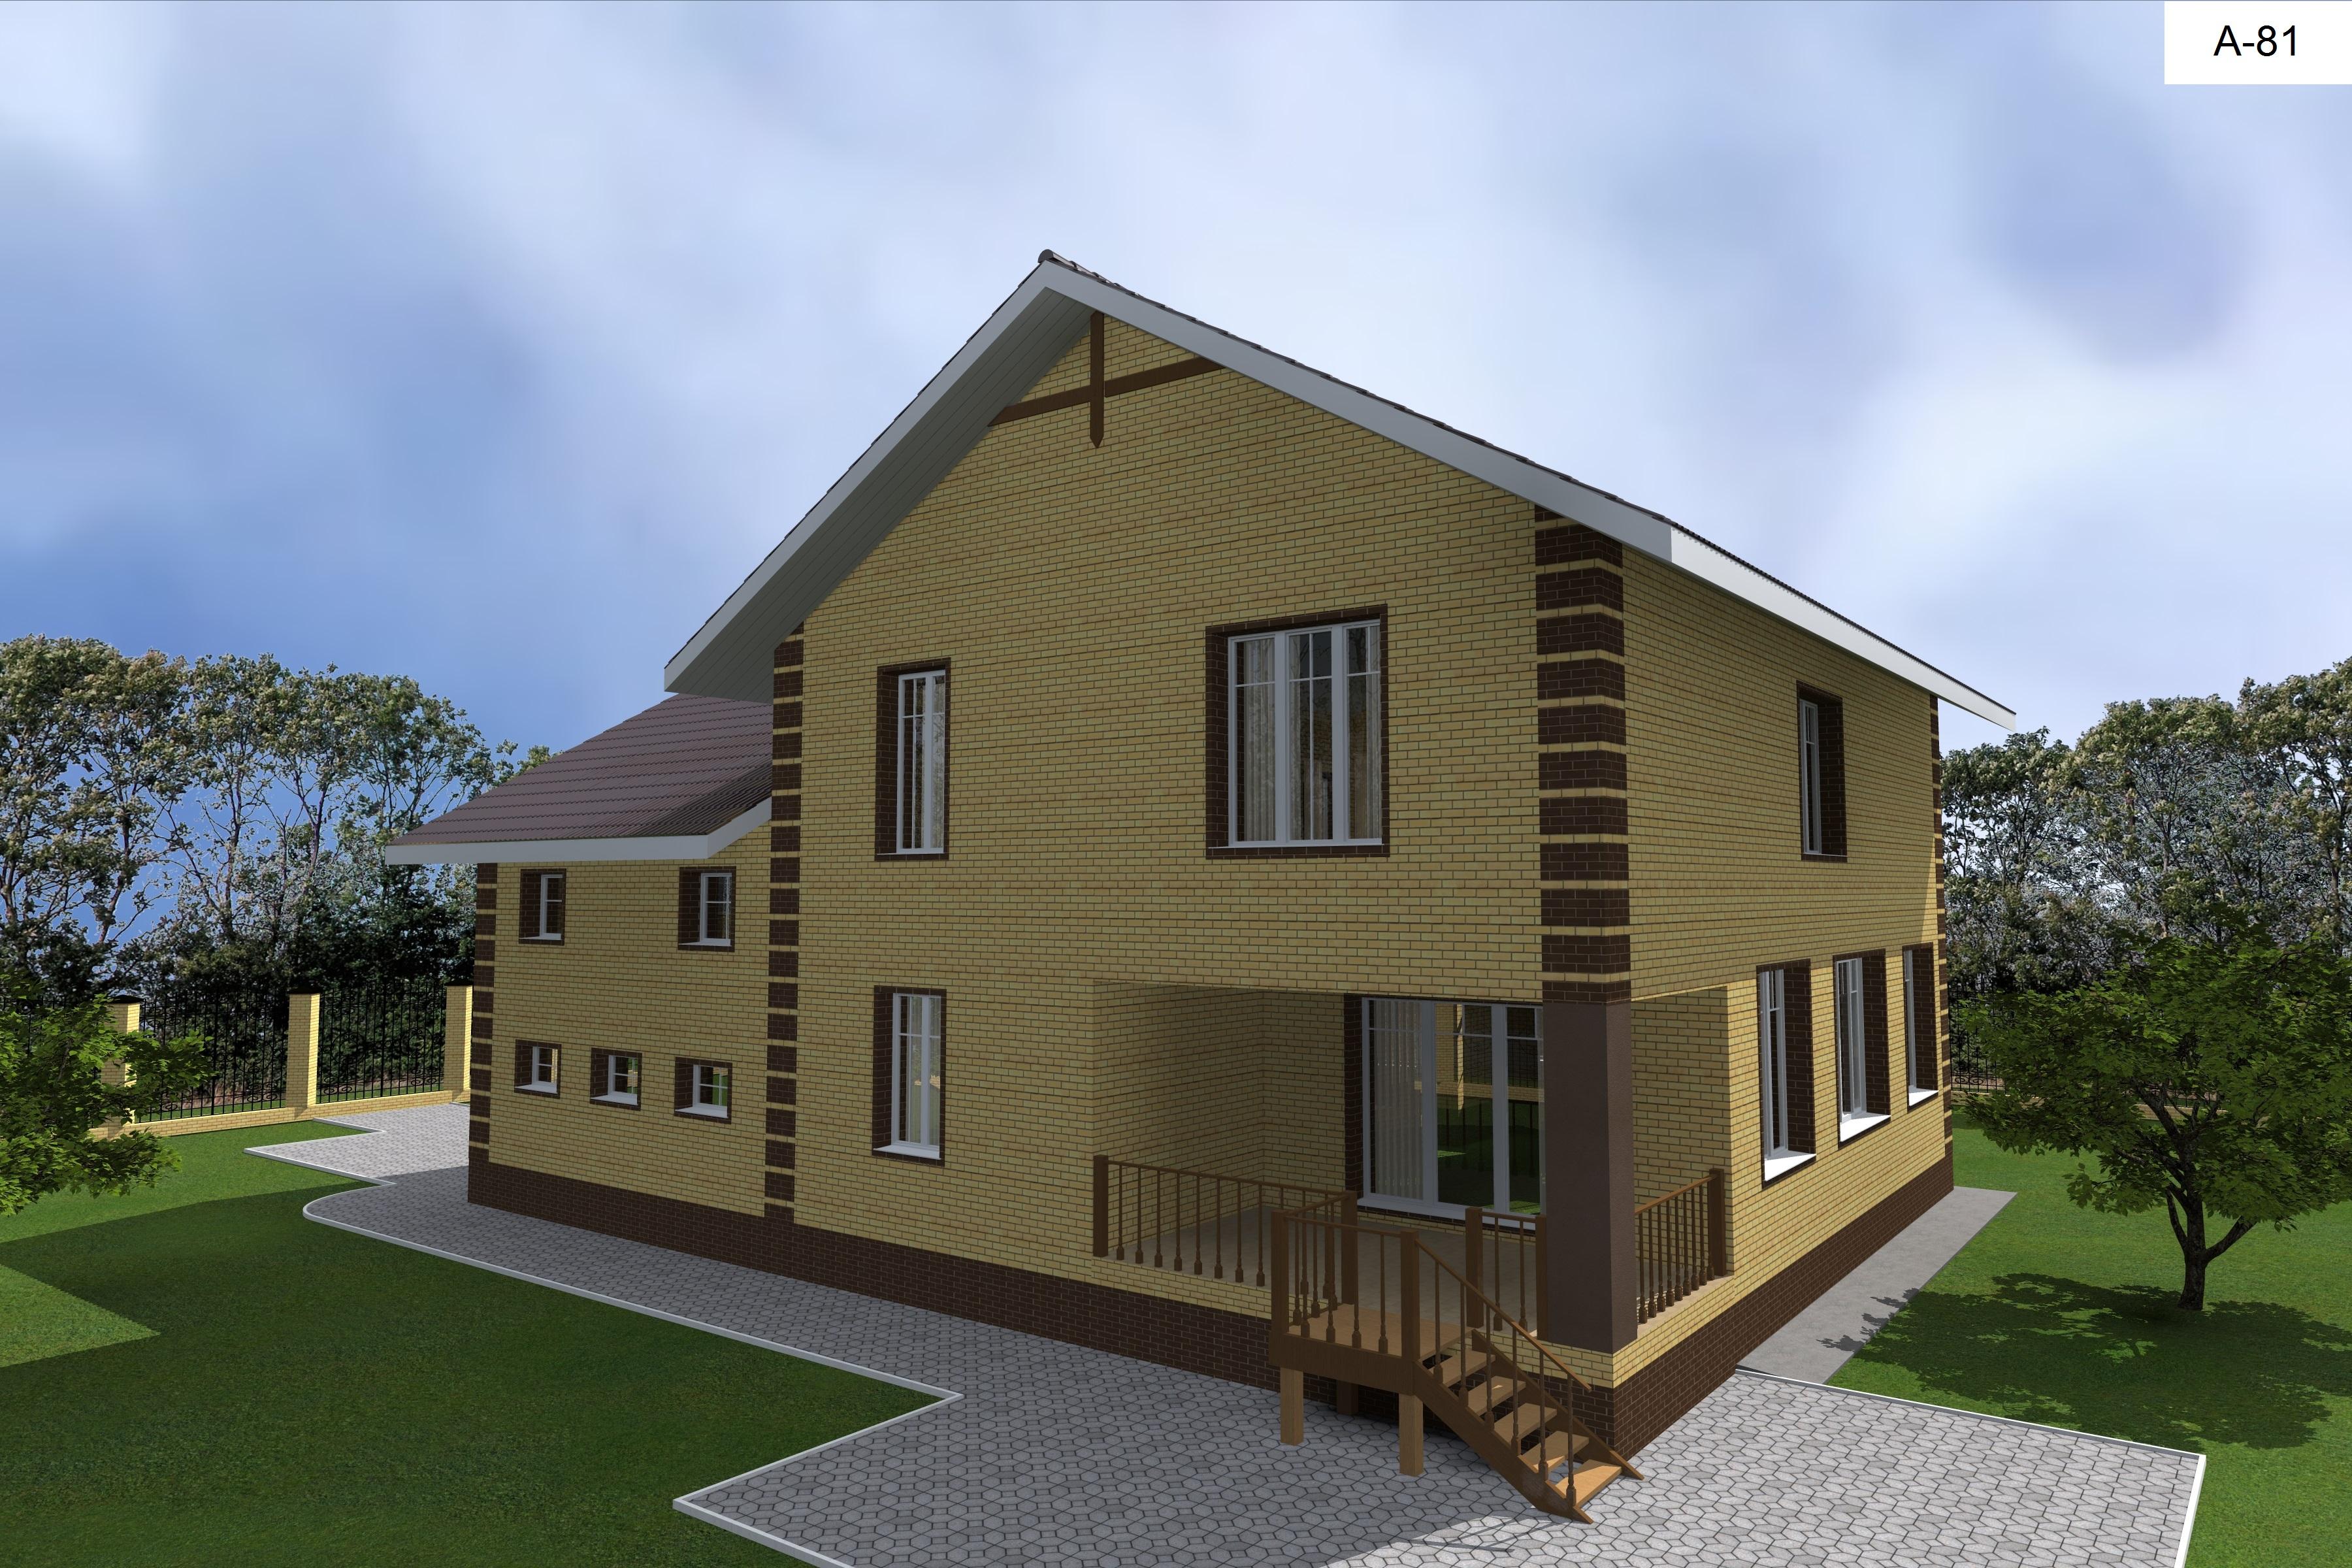 Готовый проект дома 180 кв.м // Артикул А-81 фасад